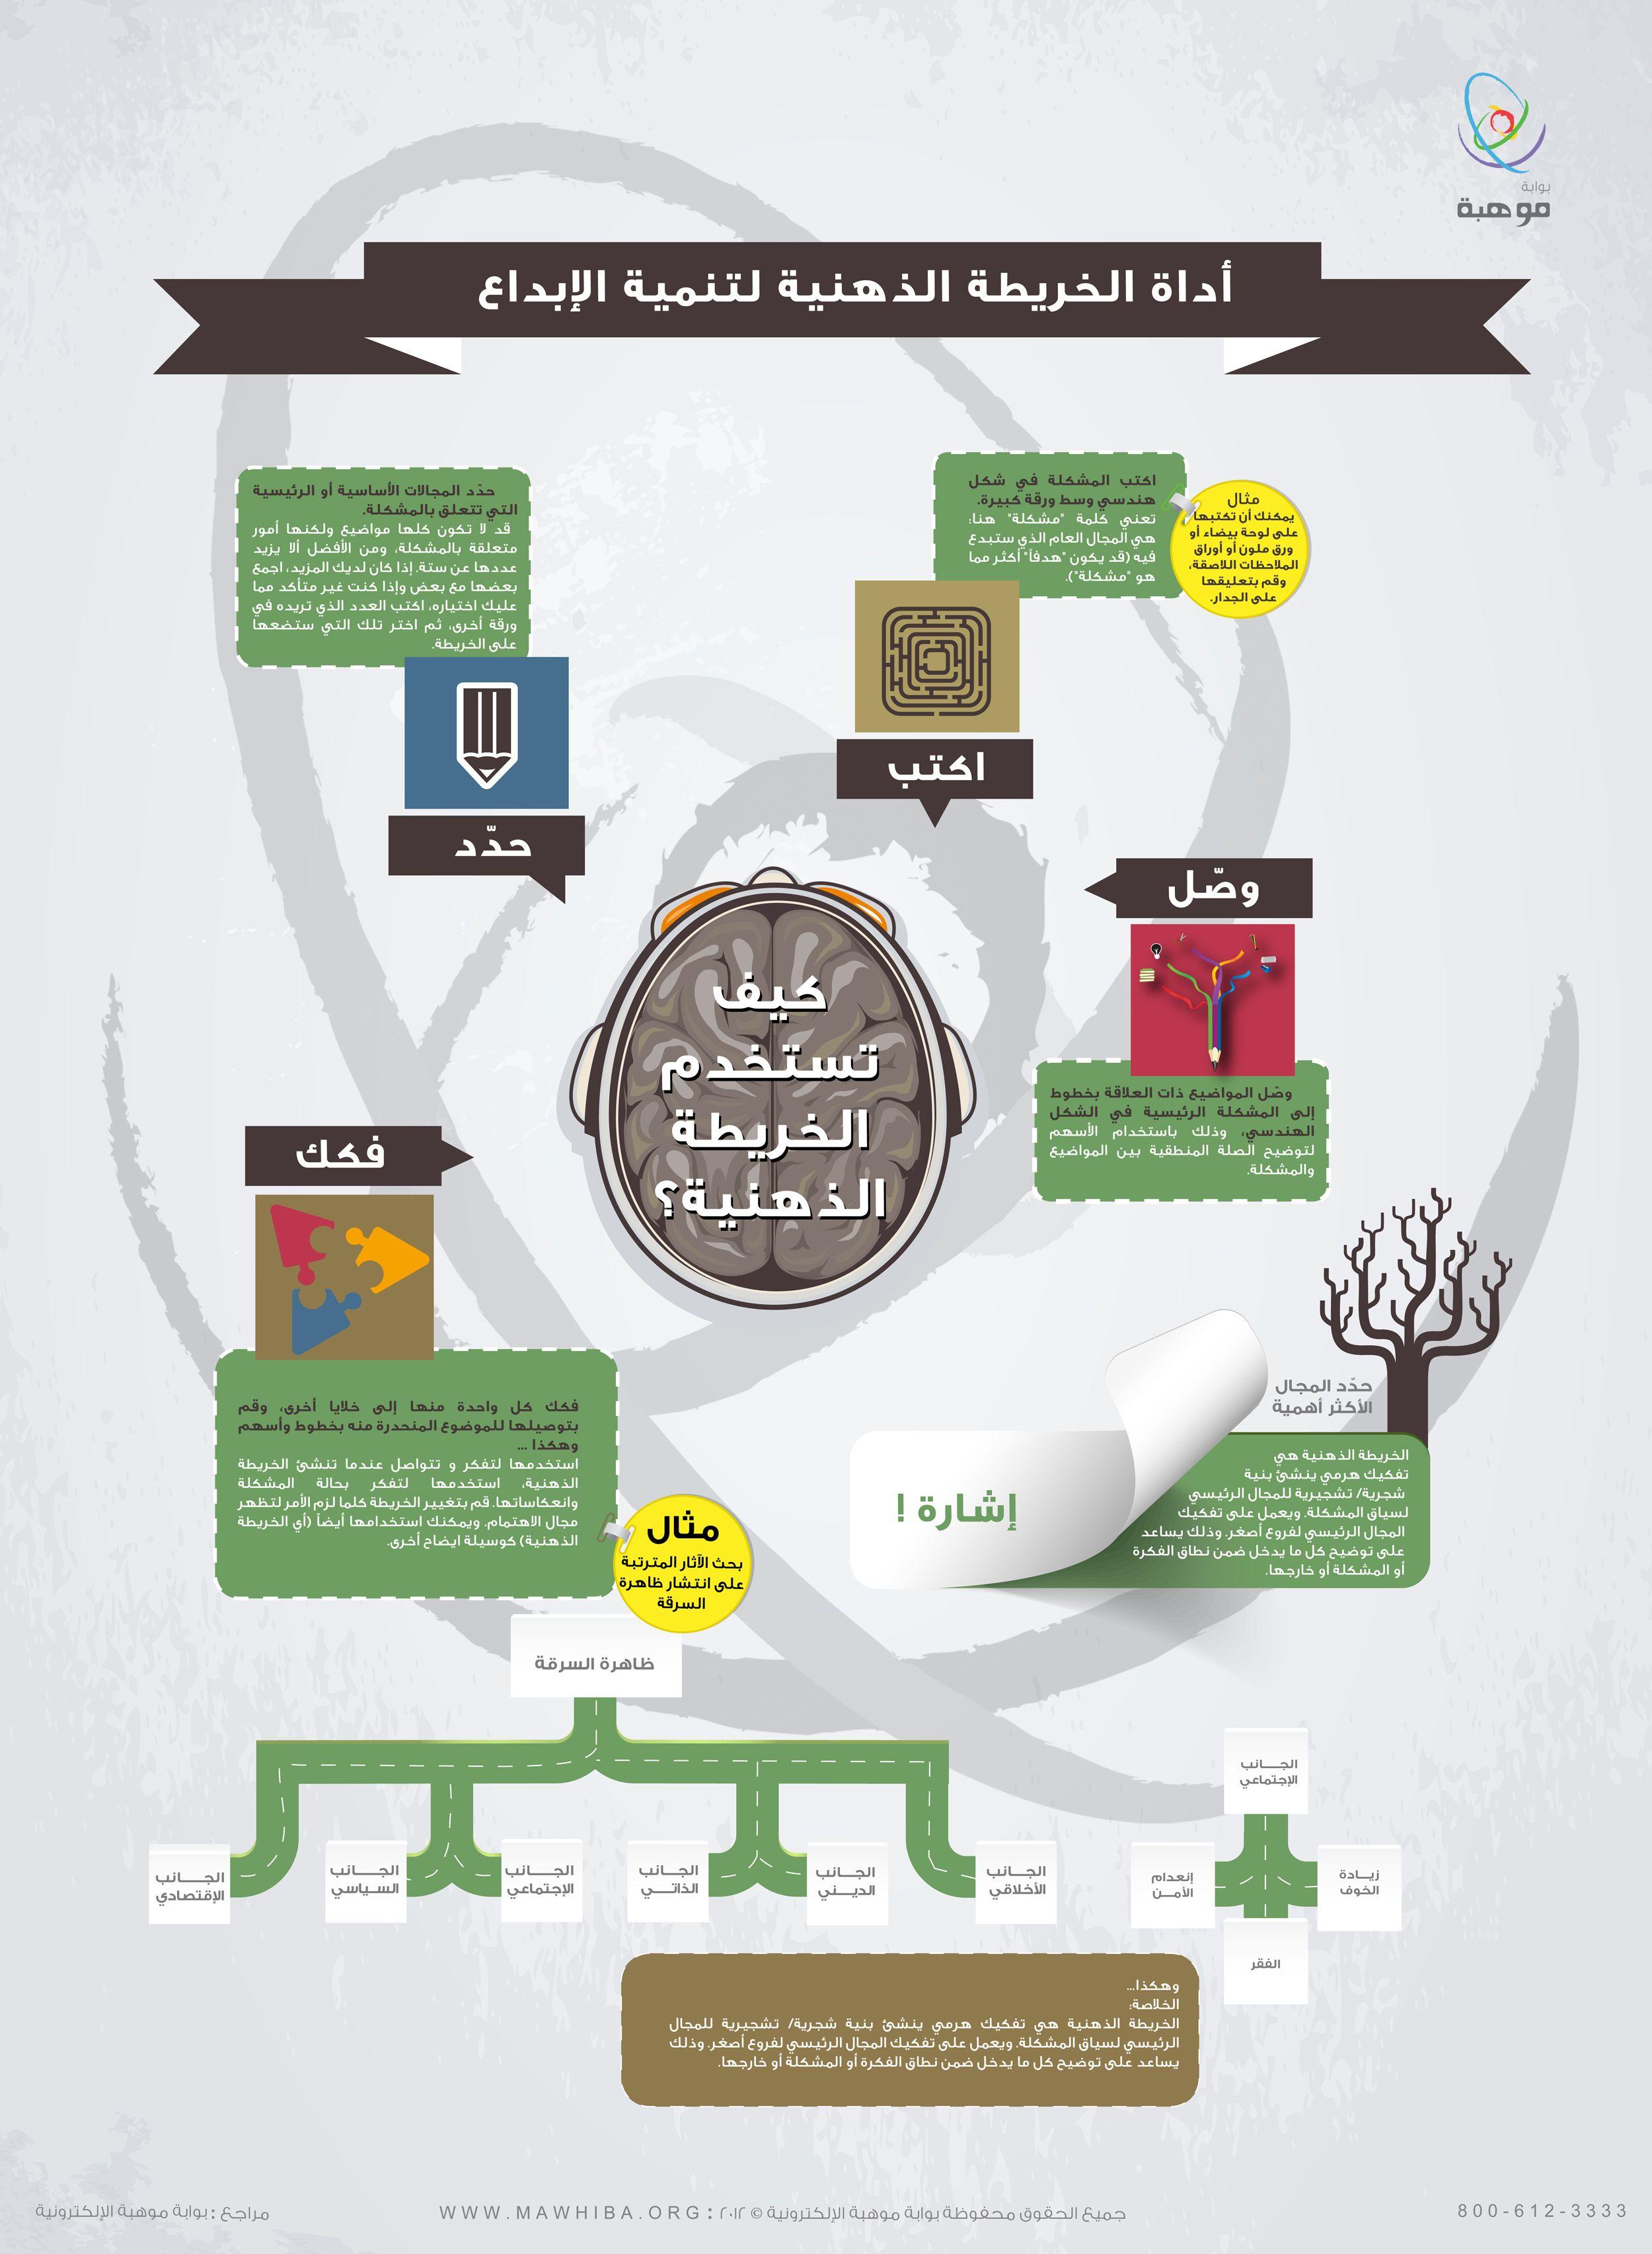 الخريطة الذهنية أداة حيوية لتنمية الإبداع وهنا أدواتها وطريقتها Http Www Mawhiba Org Infograph Pages Details Teaching Method Mental Map Learning Activities